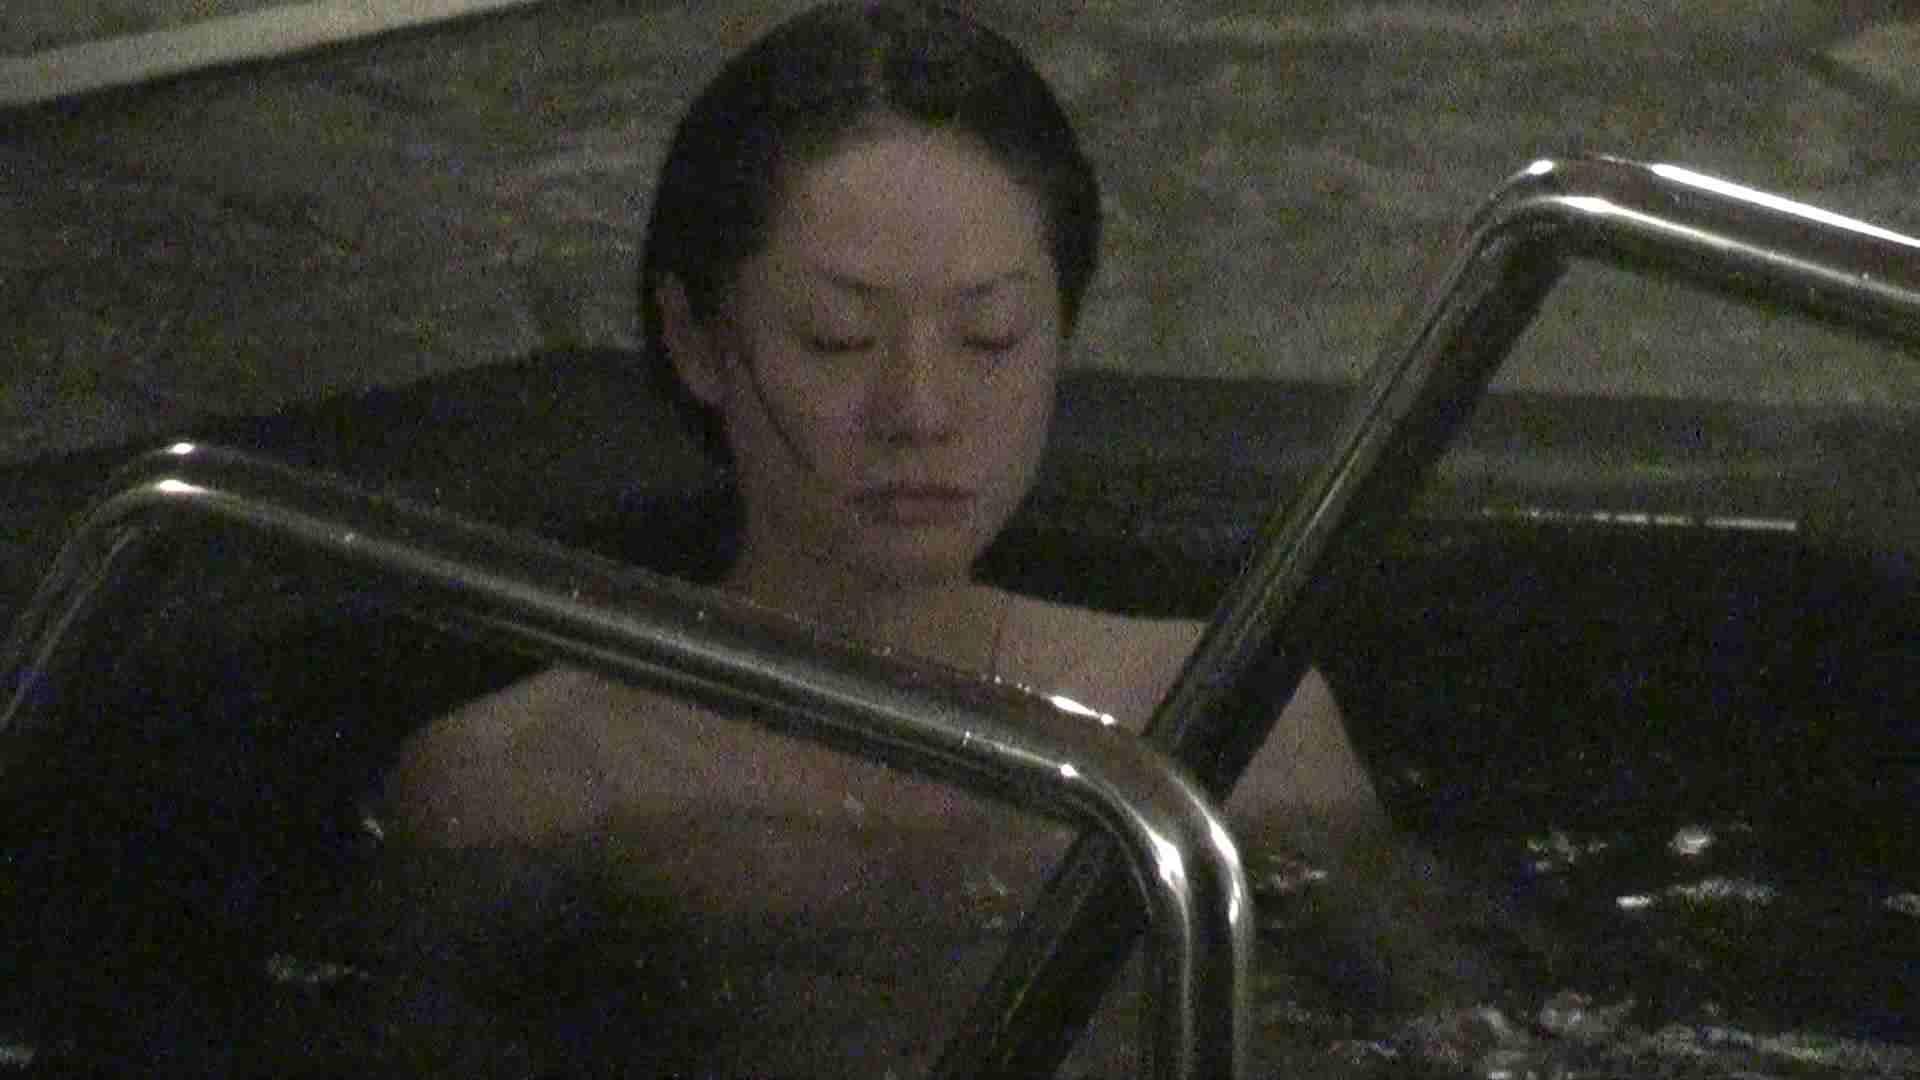 Aquaな露天風呂Vol.318 美しいOLの裸体  105pic 96